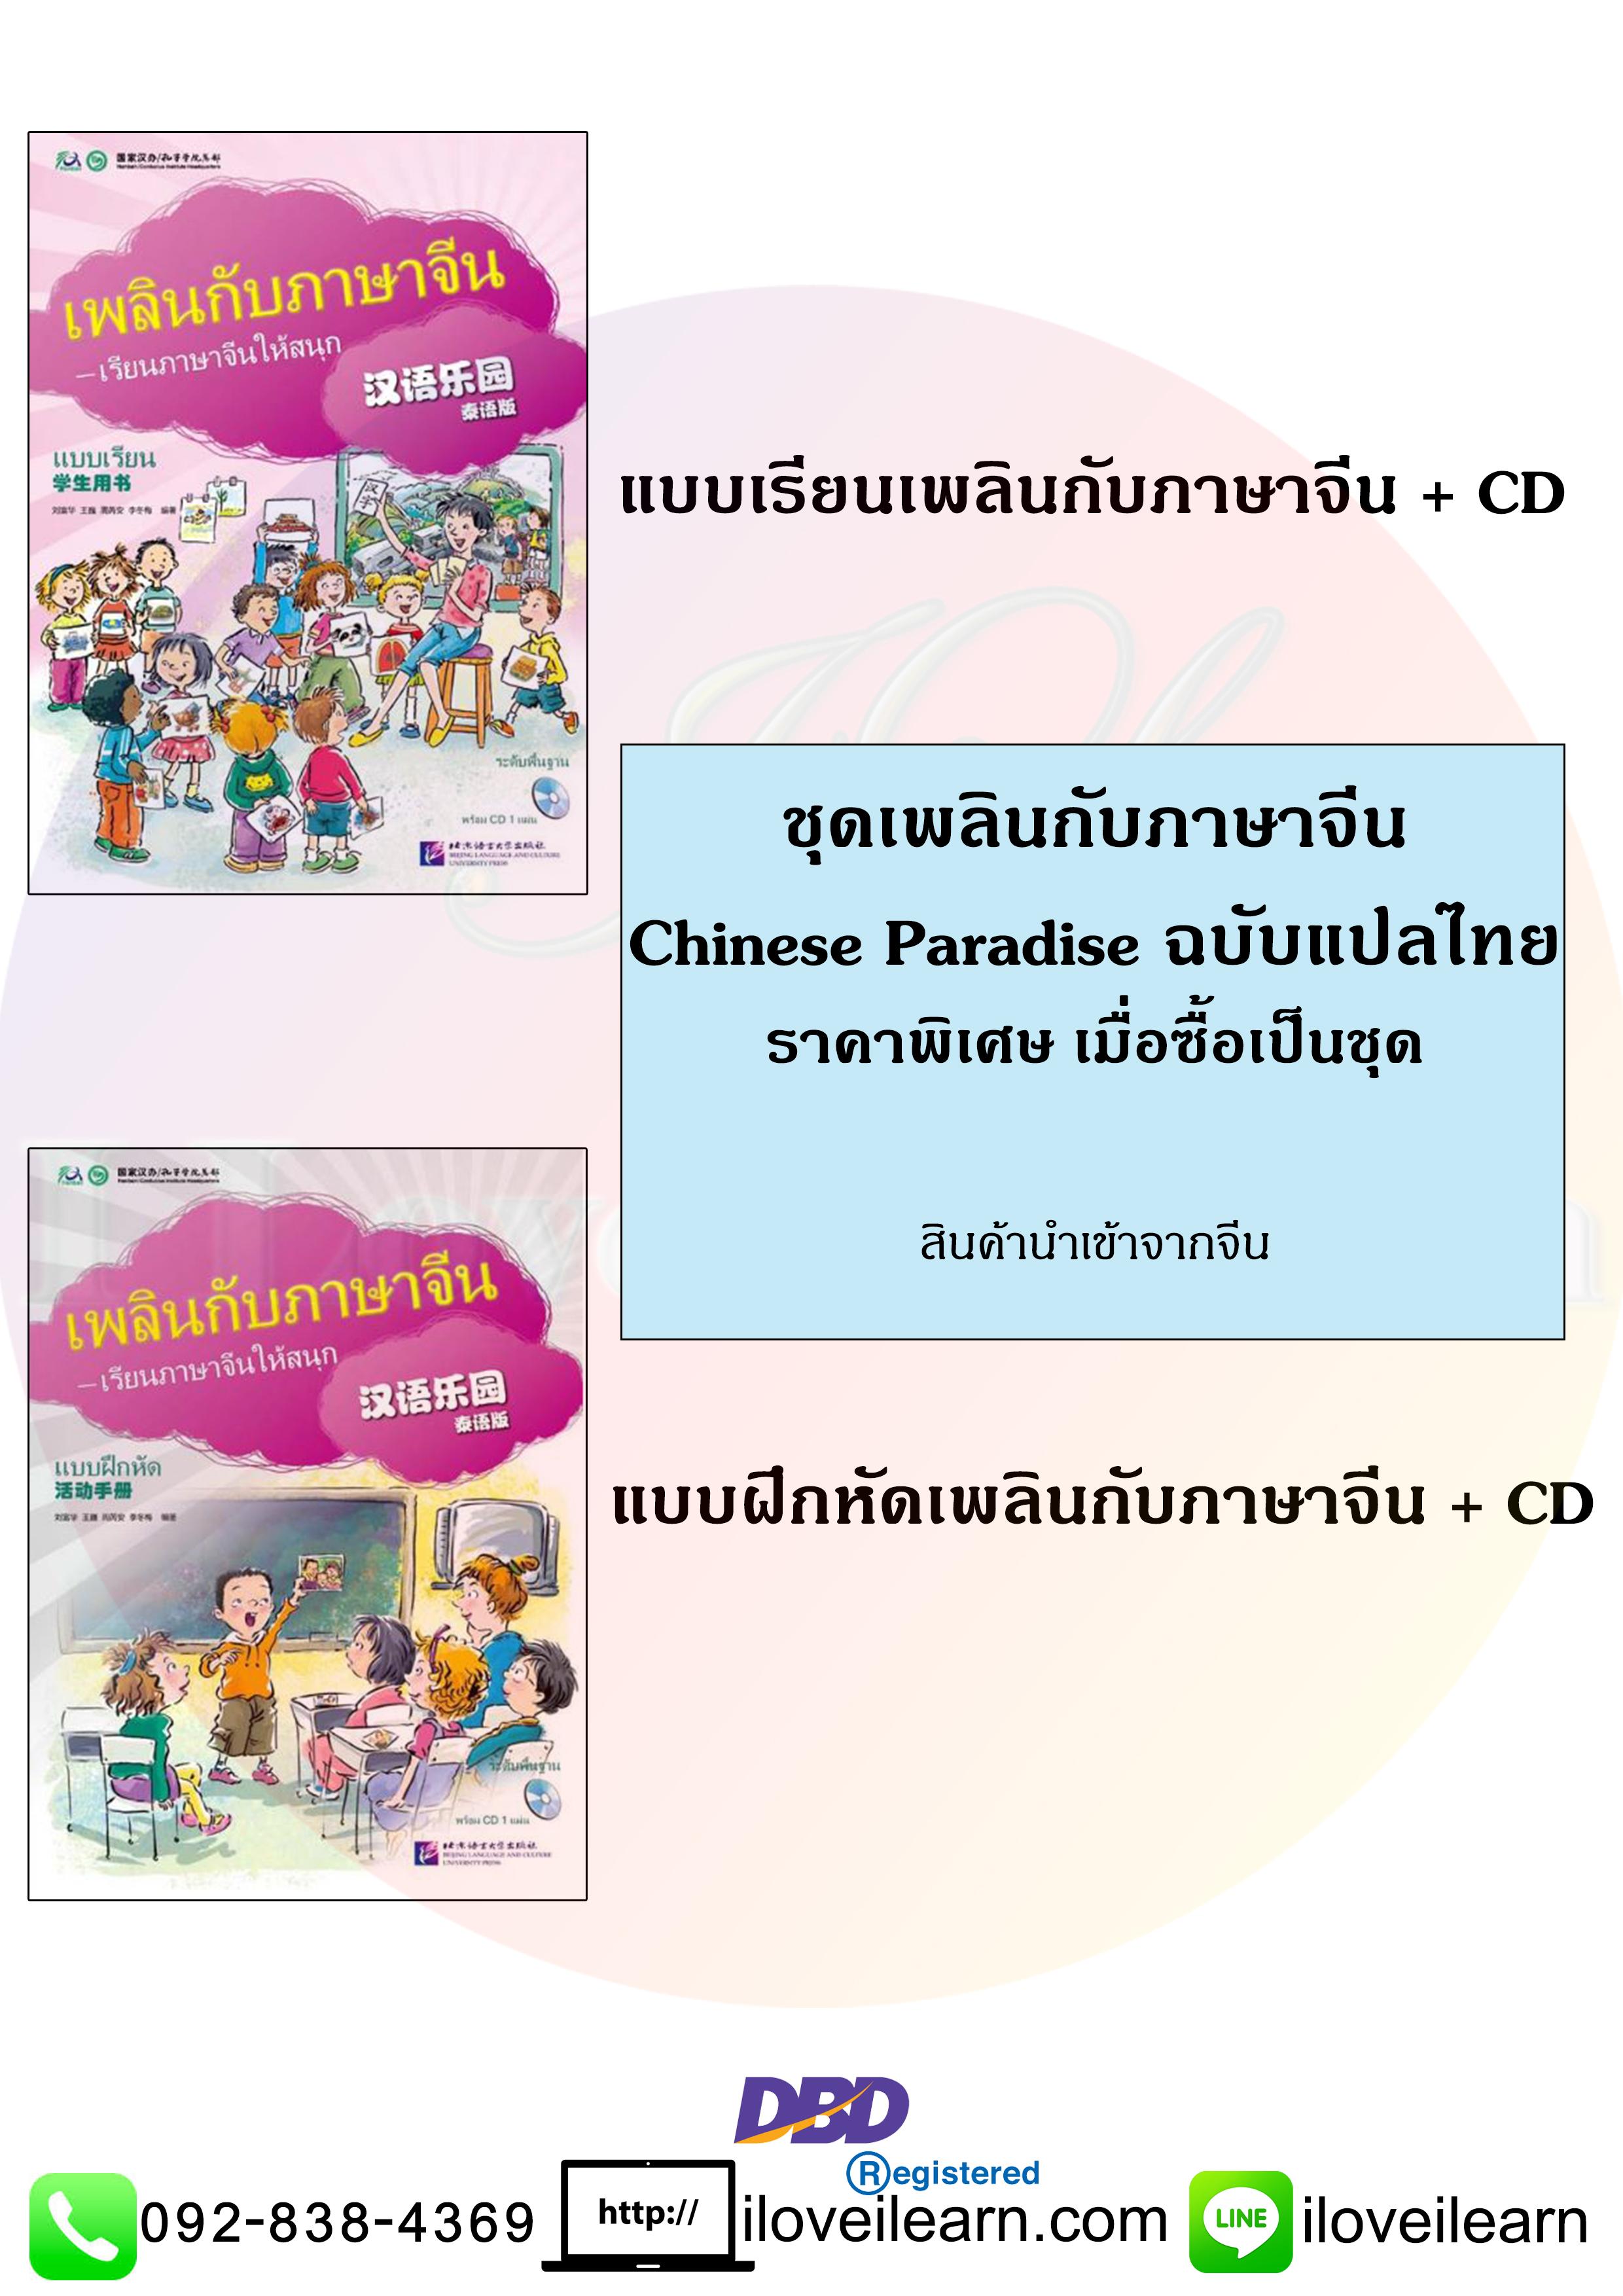 ชุดเพลินกับภาษาจีน Chinese Paradise ฉบับแปลไทย + CD